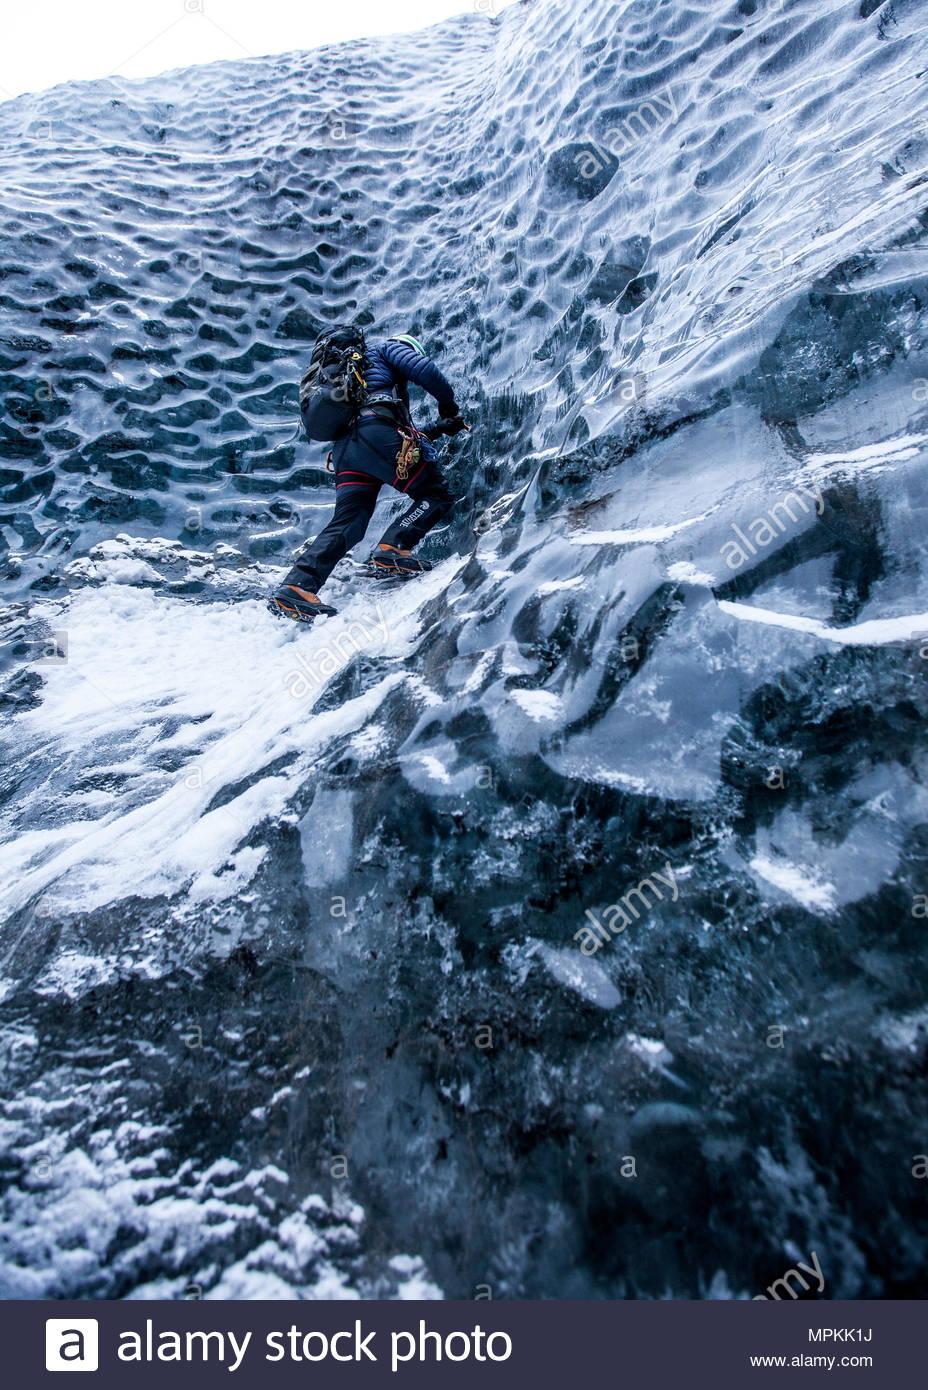 Diese herrlichen Eishöhlen werden nur von drei Stunden Wanderung zu Fuß erreichbar. Es gibt mehrere Eishöhle Ausflüge mit einheimischen Führern angeboten. Stockbild